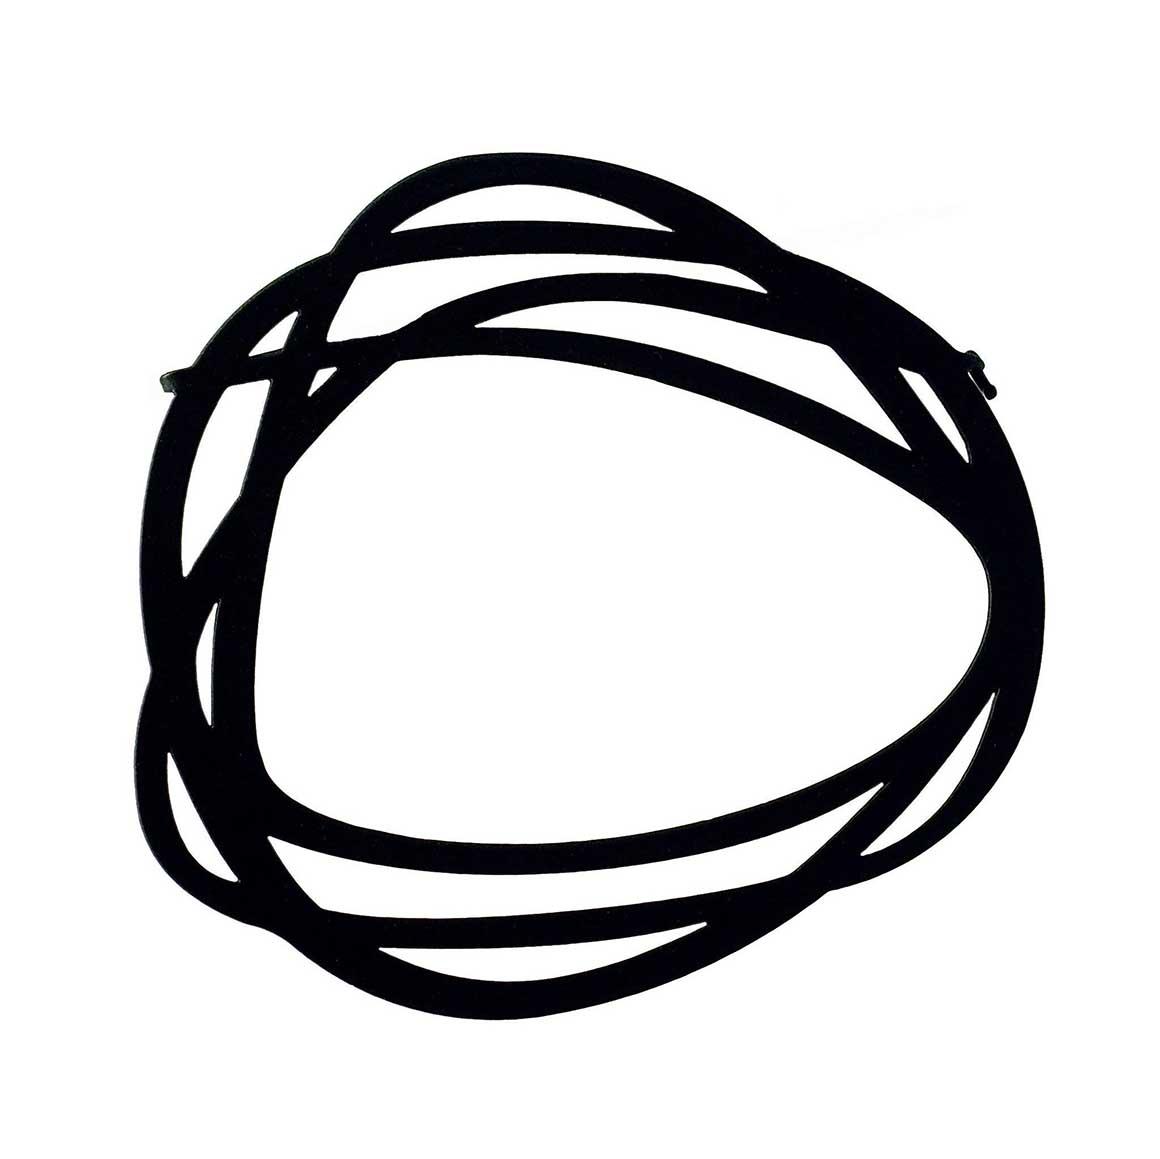 Brooch-Rings-Black | Trada Marketplace